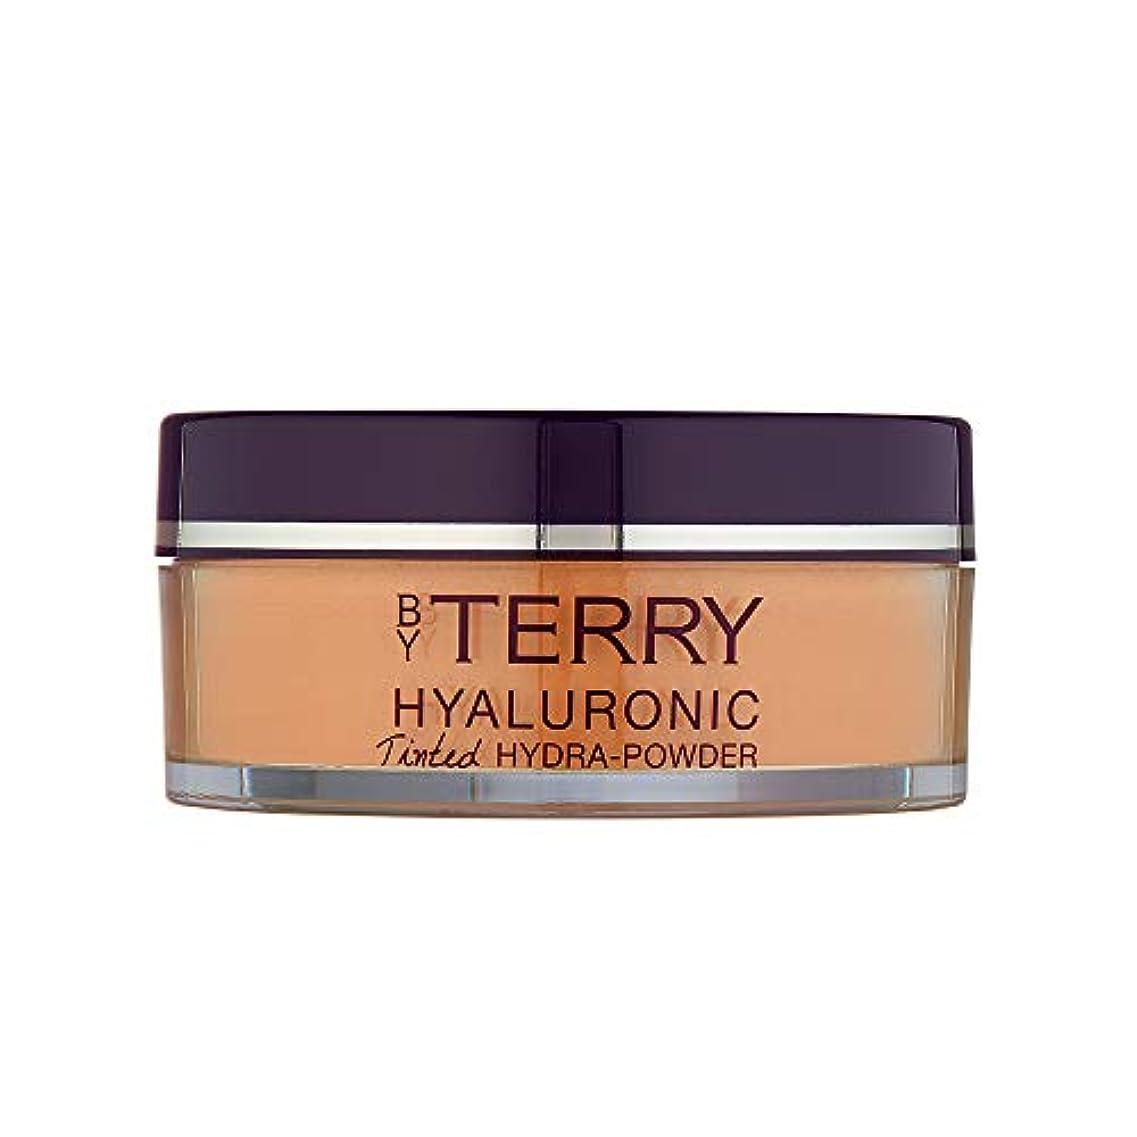 スプレー建築運命バイテリー Hyaluronic Tinted Hydra Care Setting Powder - # 400 Medium 10g/0.35oz並行輸入品